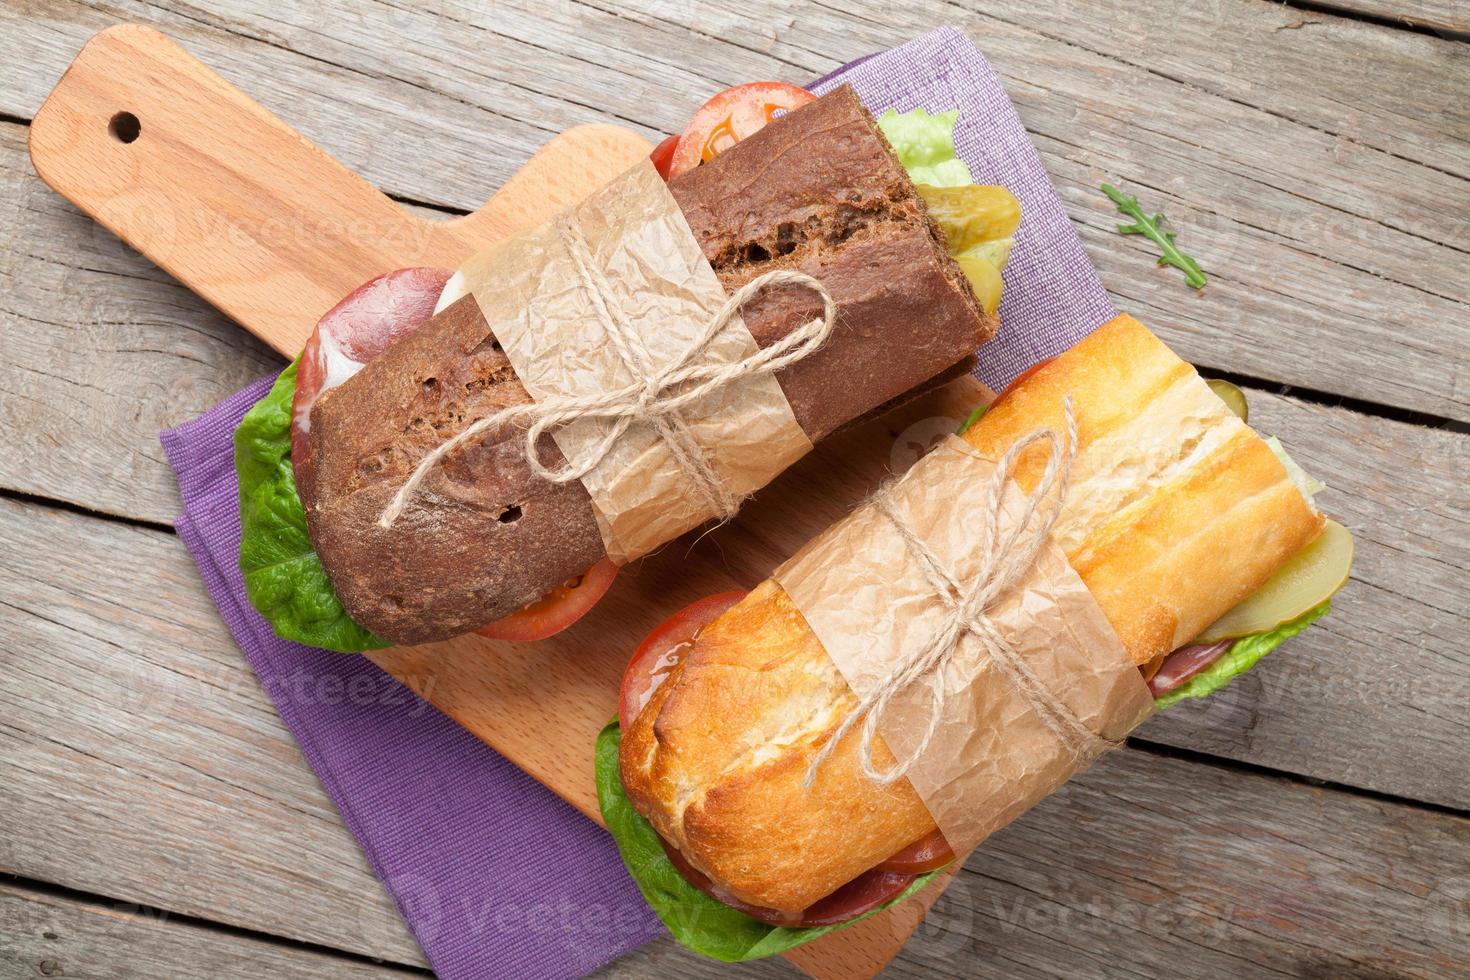 dois sanduíches com salada, presunto, queijo e tomate foto